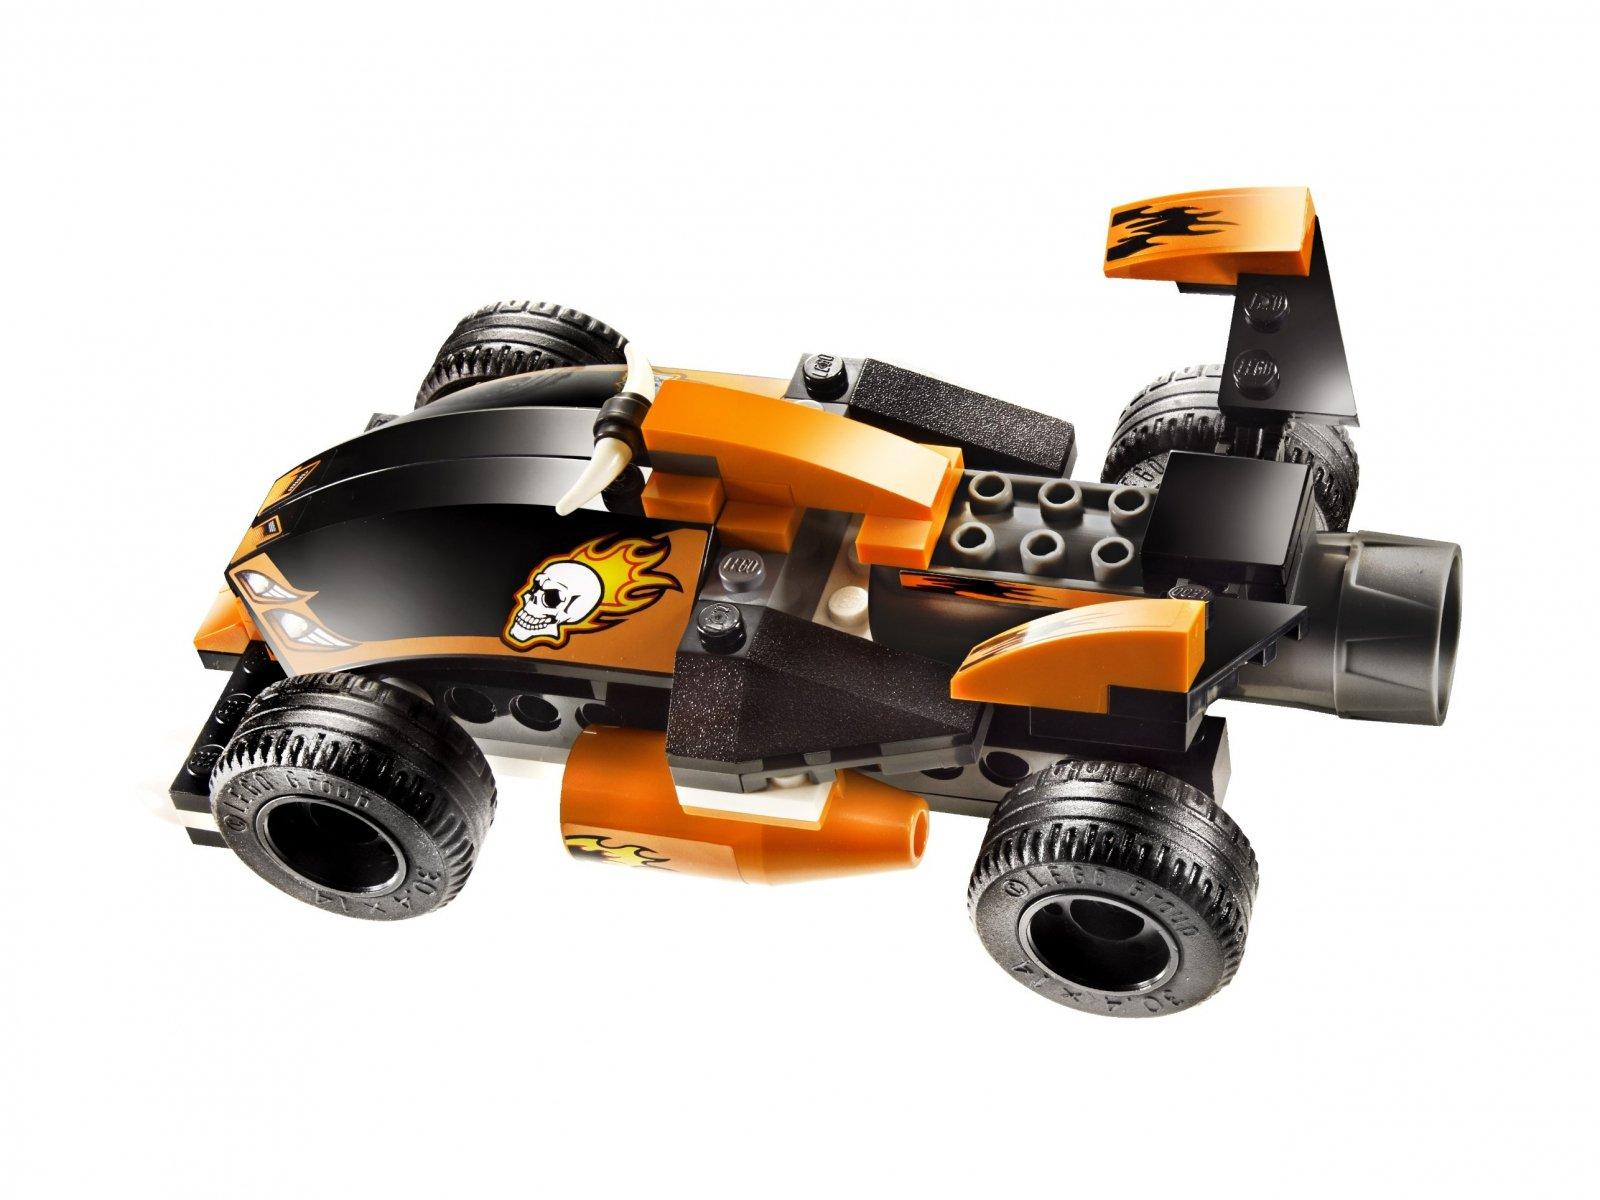 LEGO 7971 Racers Zło porównaj ceny | zklocków.pl